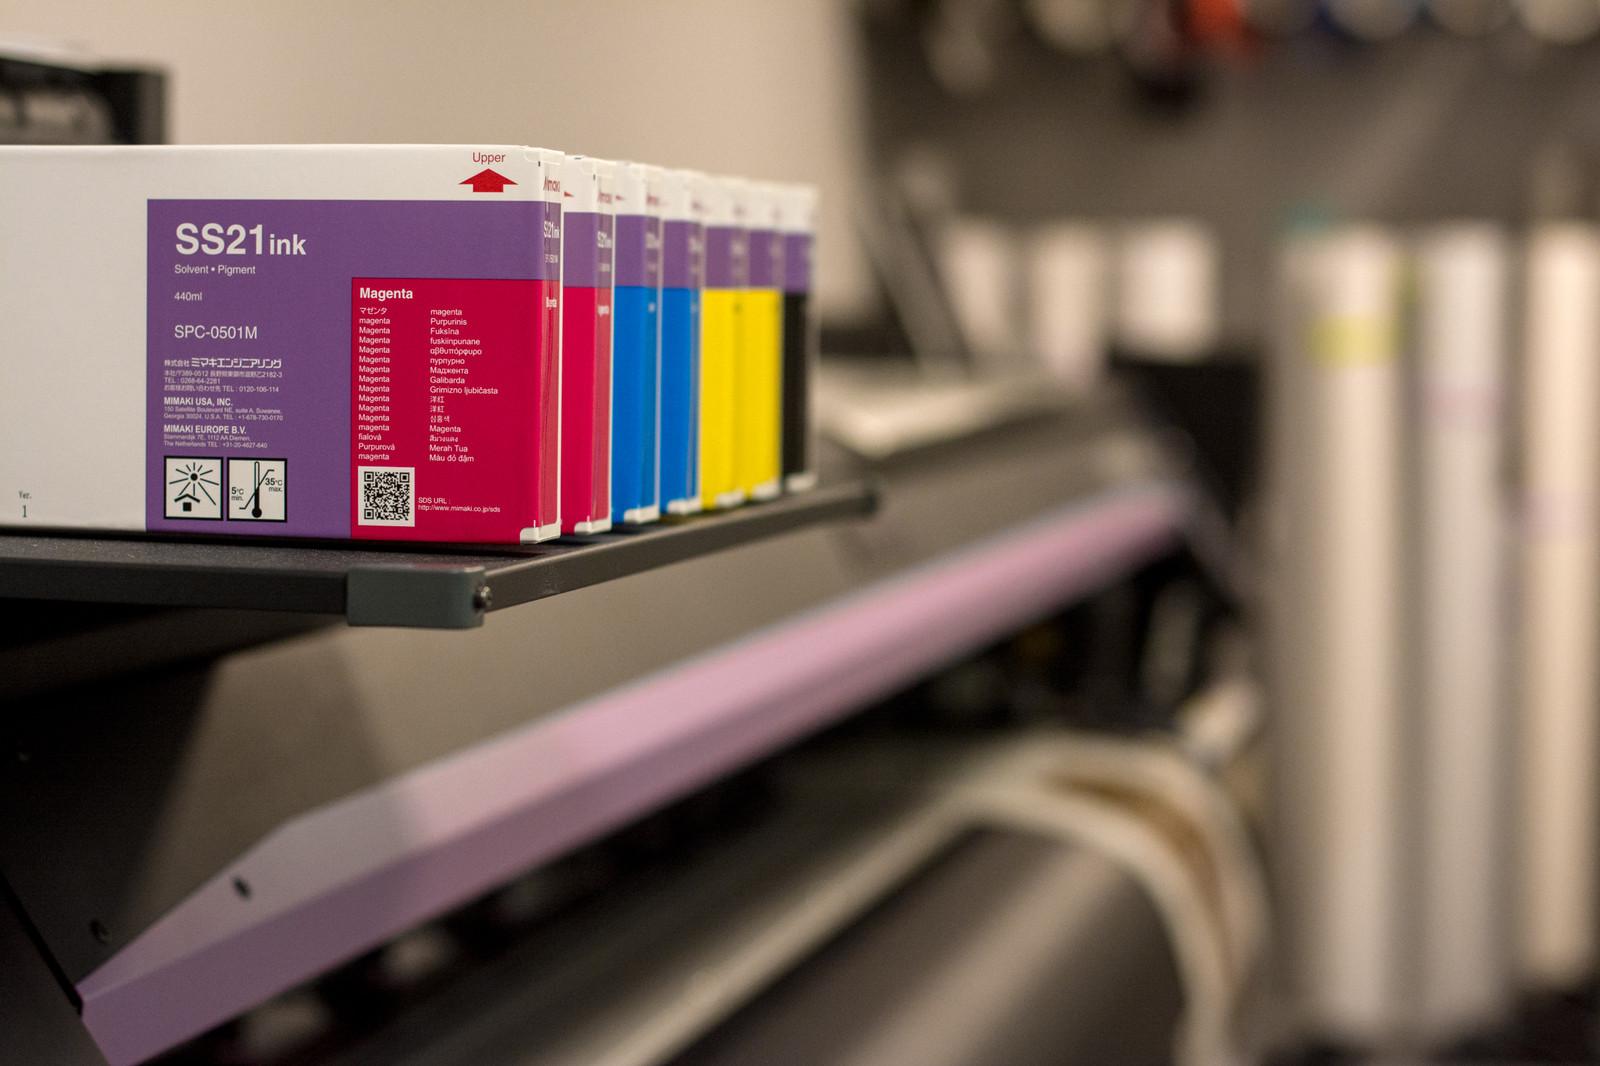 hgdesignstudio | Printing Services